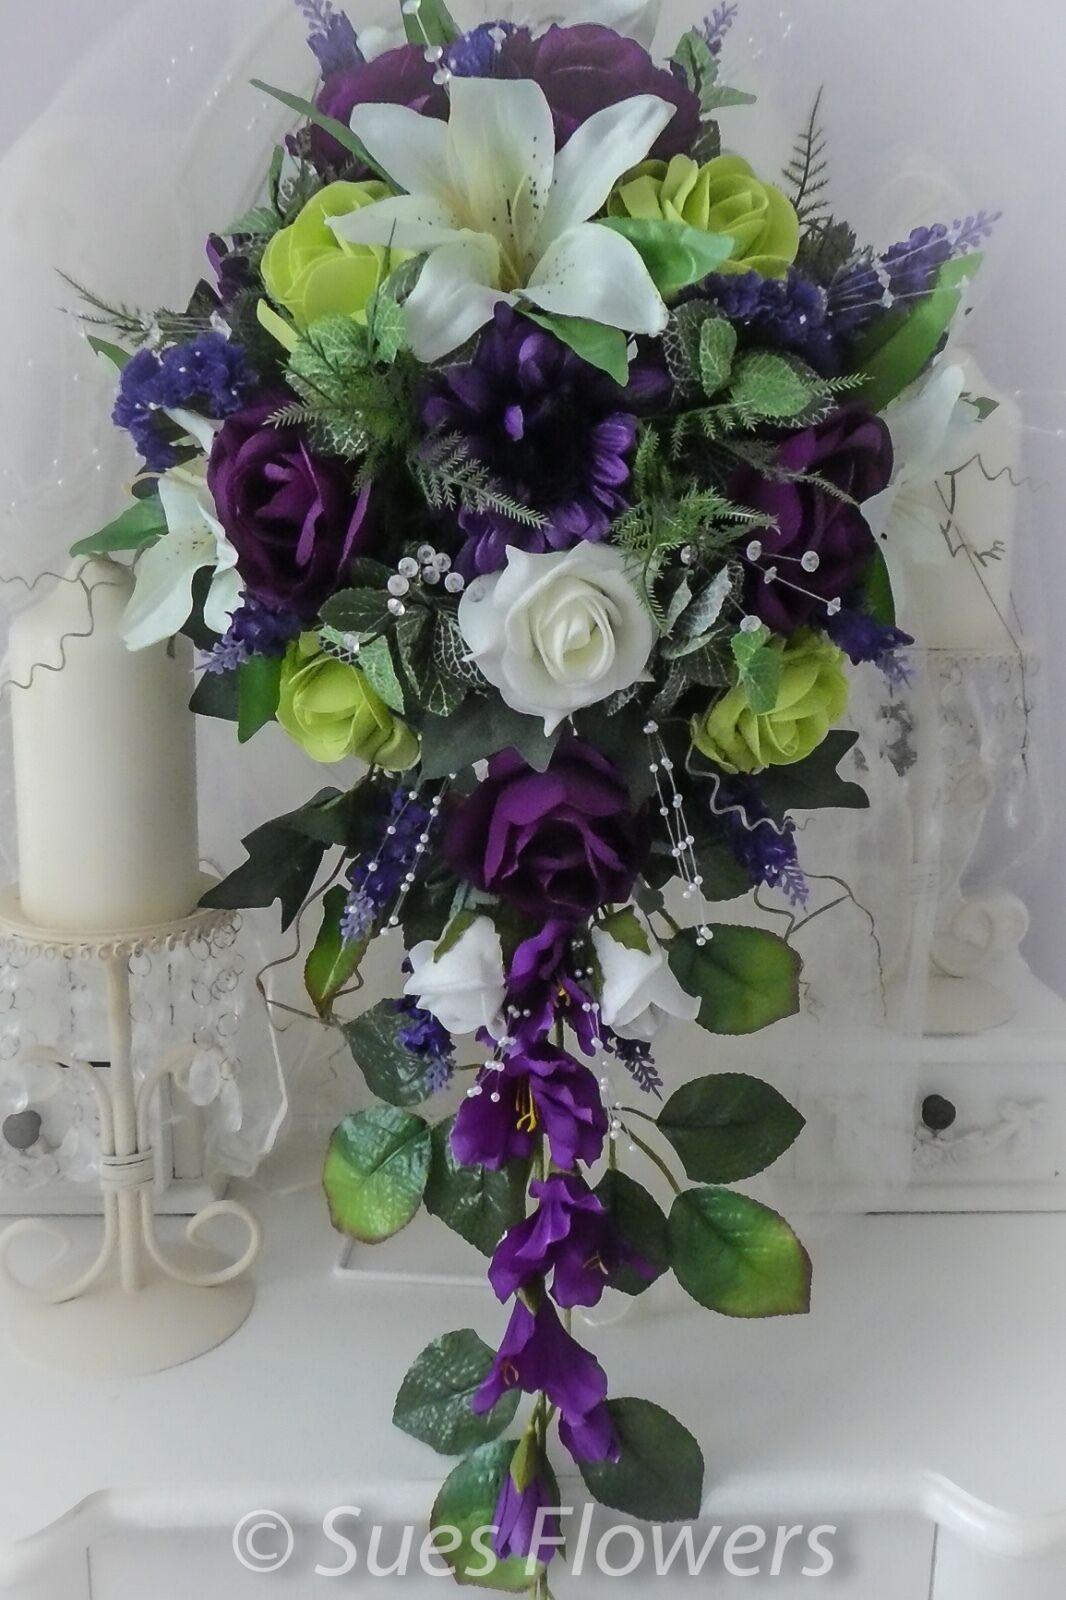 Grand mariées larme en cadburys violet, vert citron et ivoire